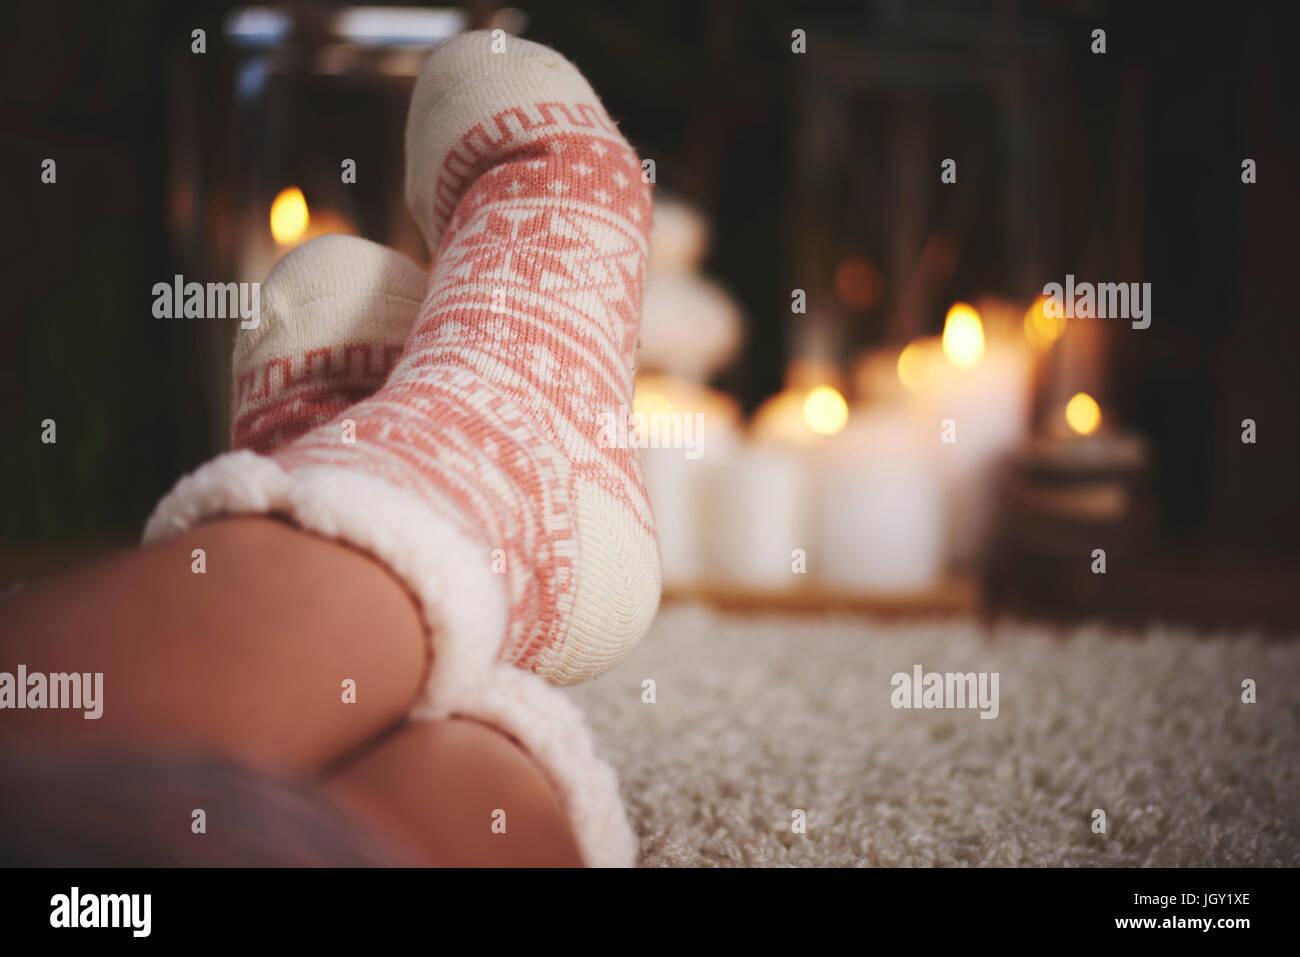 Feet of woman wearing festive socks - Stock Image